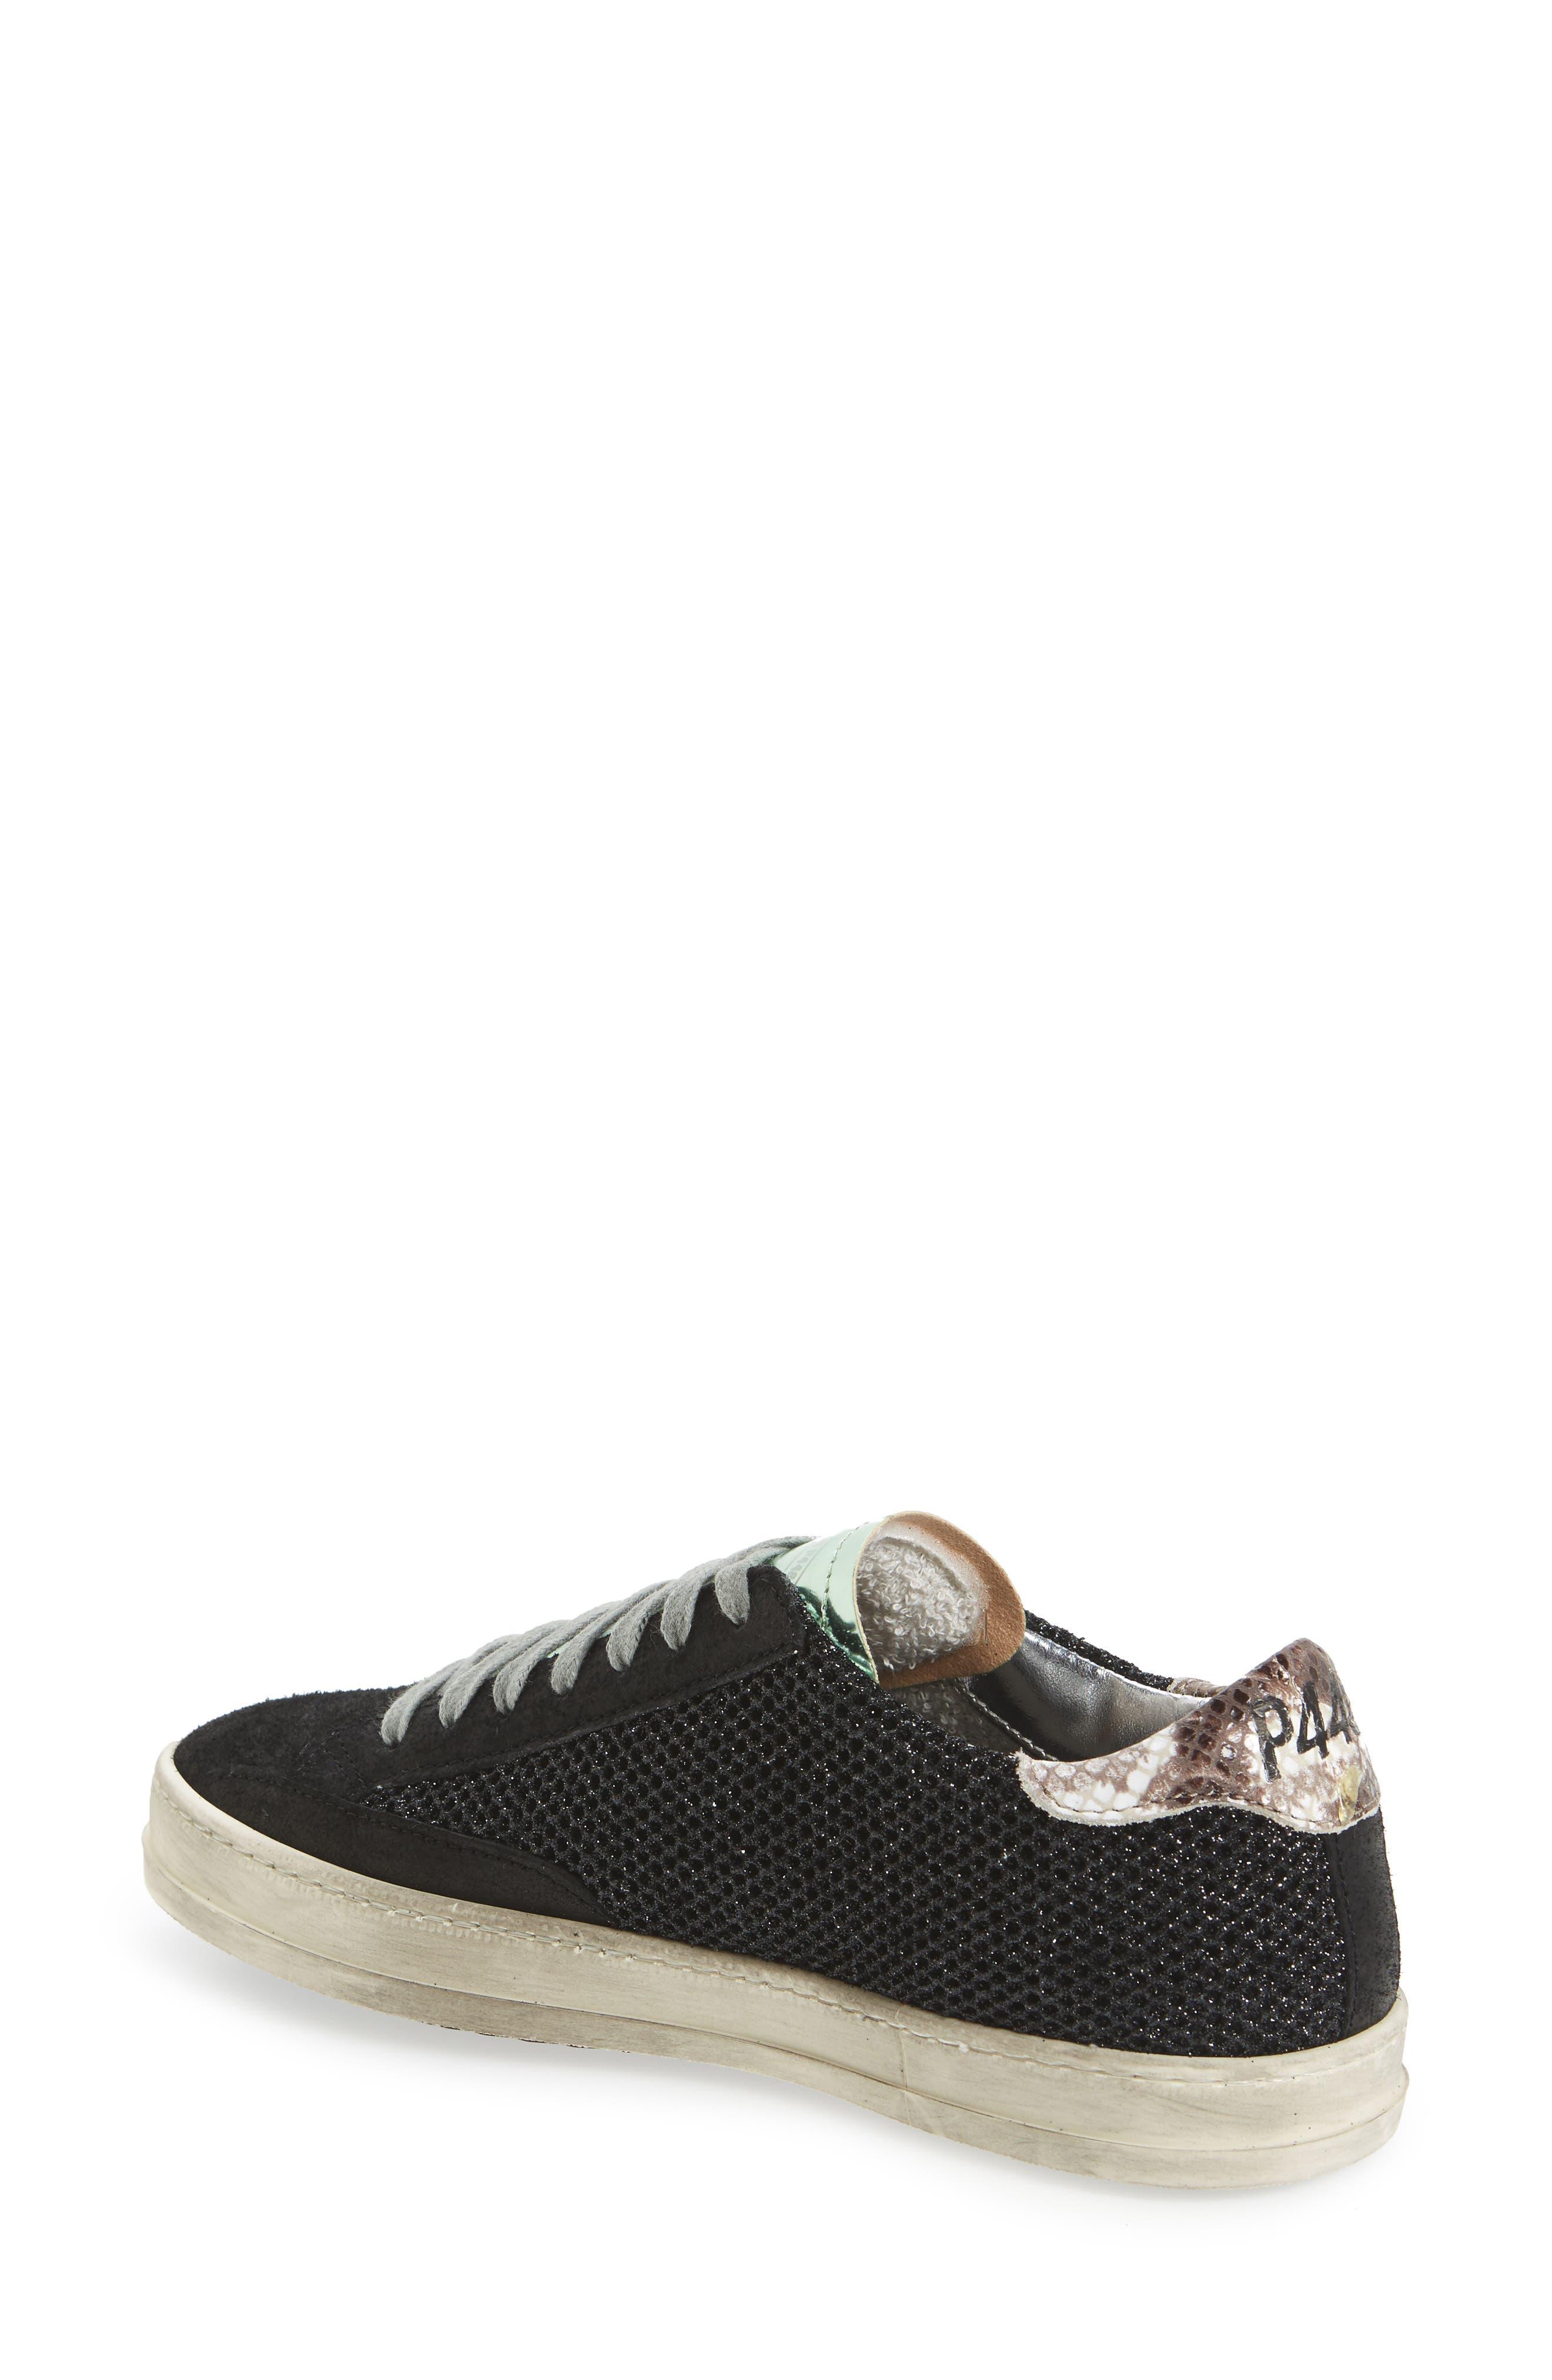 John Sneaker,                             Alternate thumbnail 2, color,                             GLITTER TECHNICAL MESH